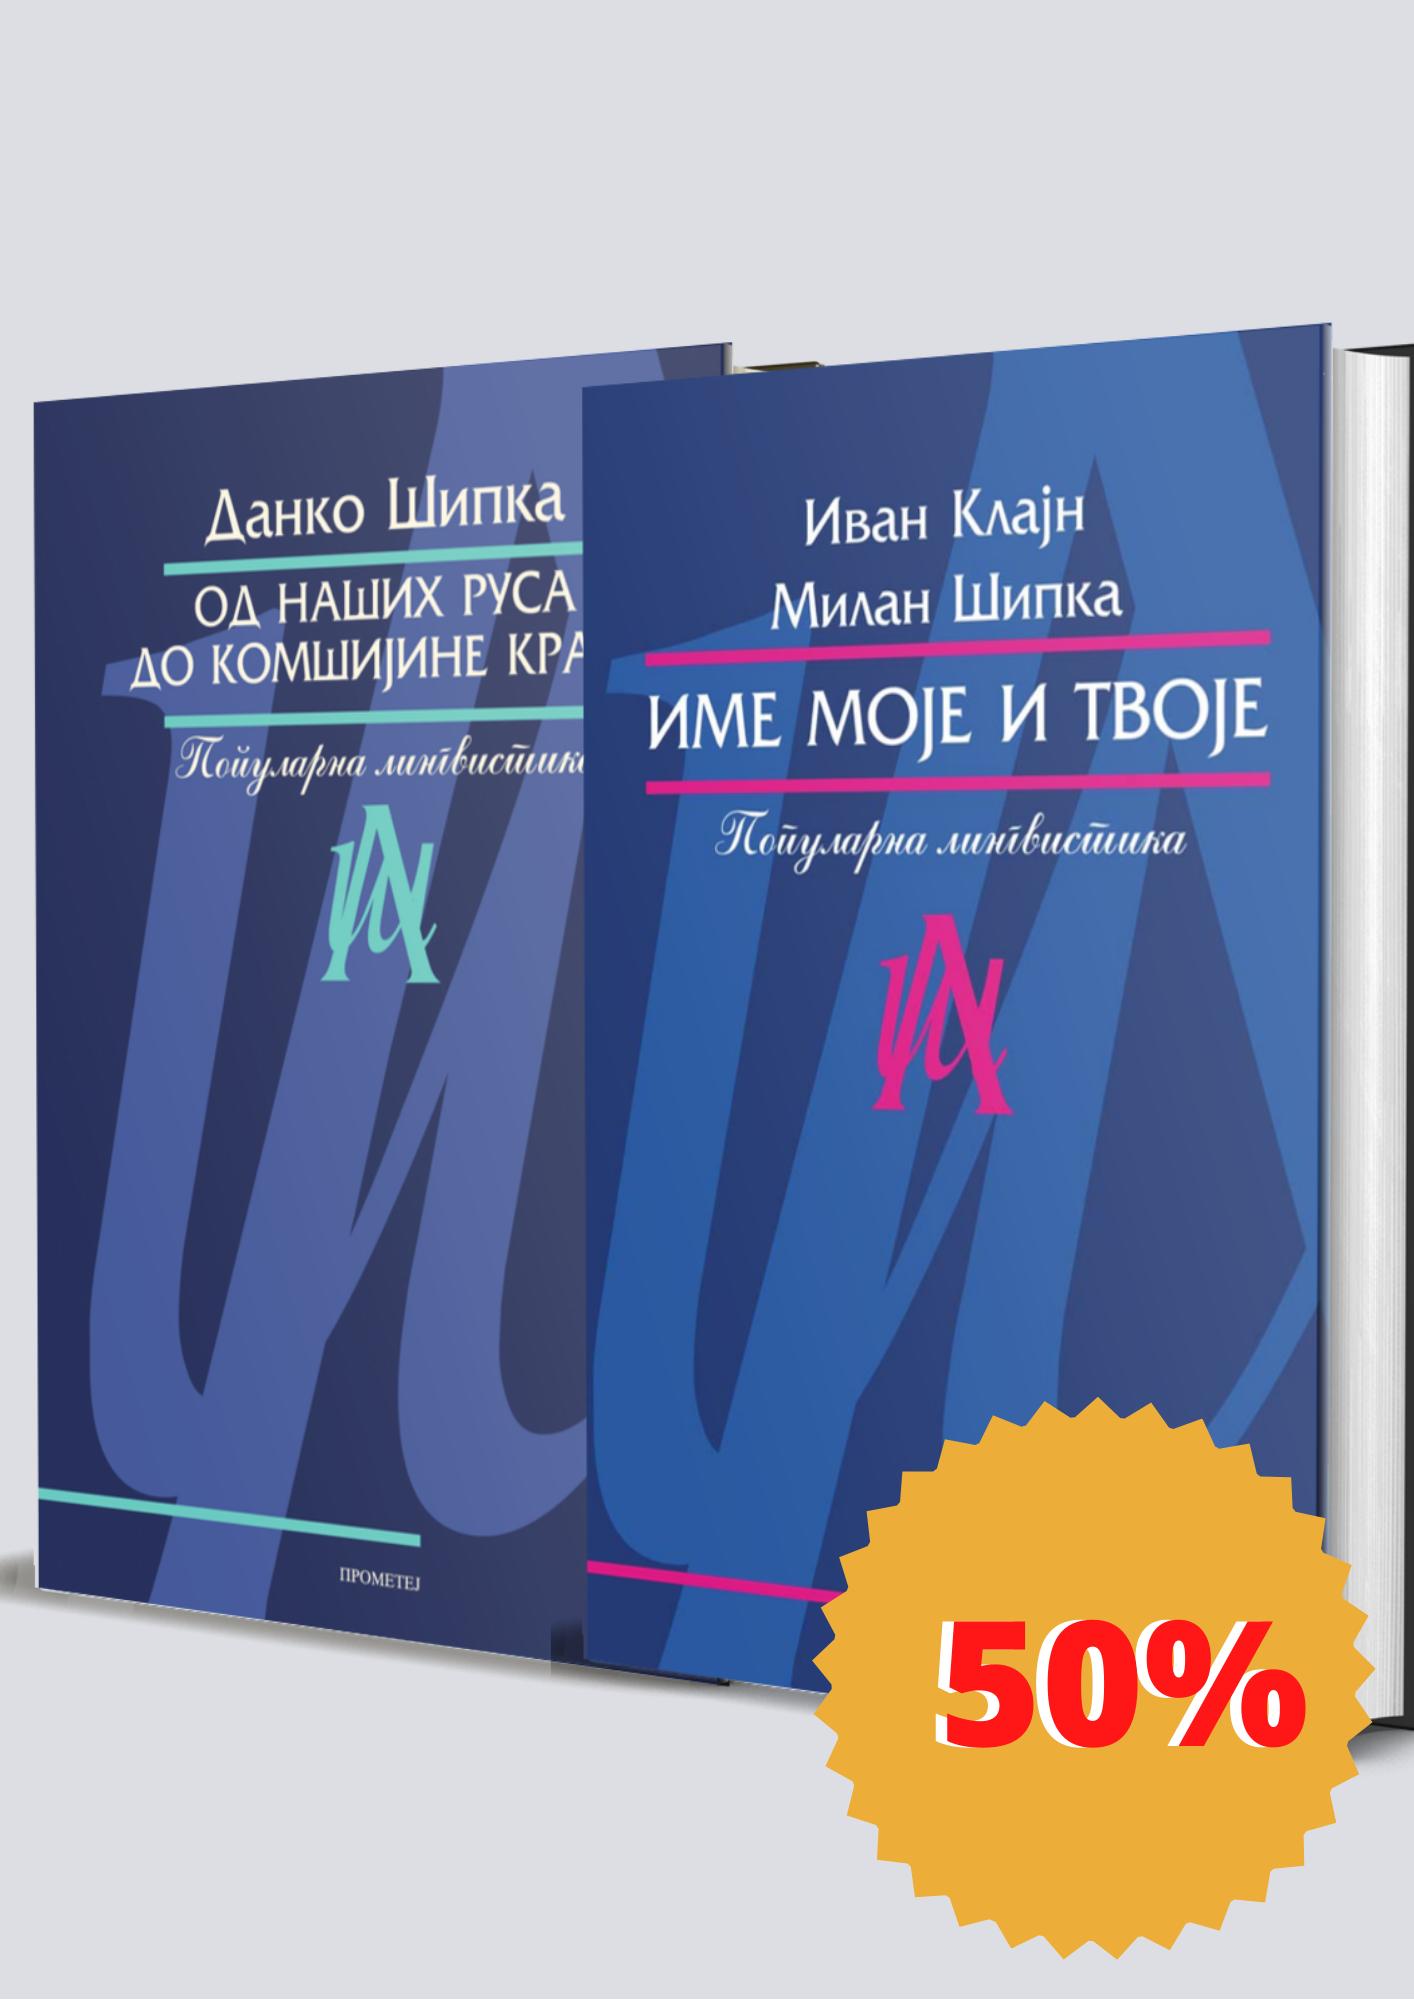 Популарна лингвистика II – 2 књиге по цени једне